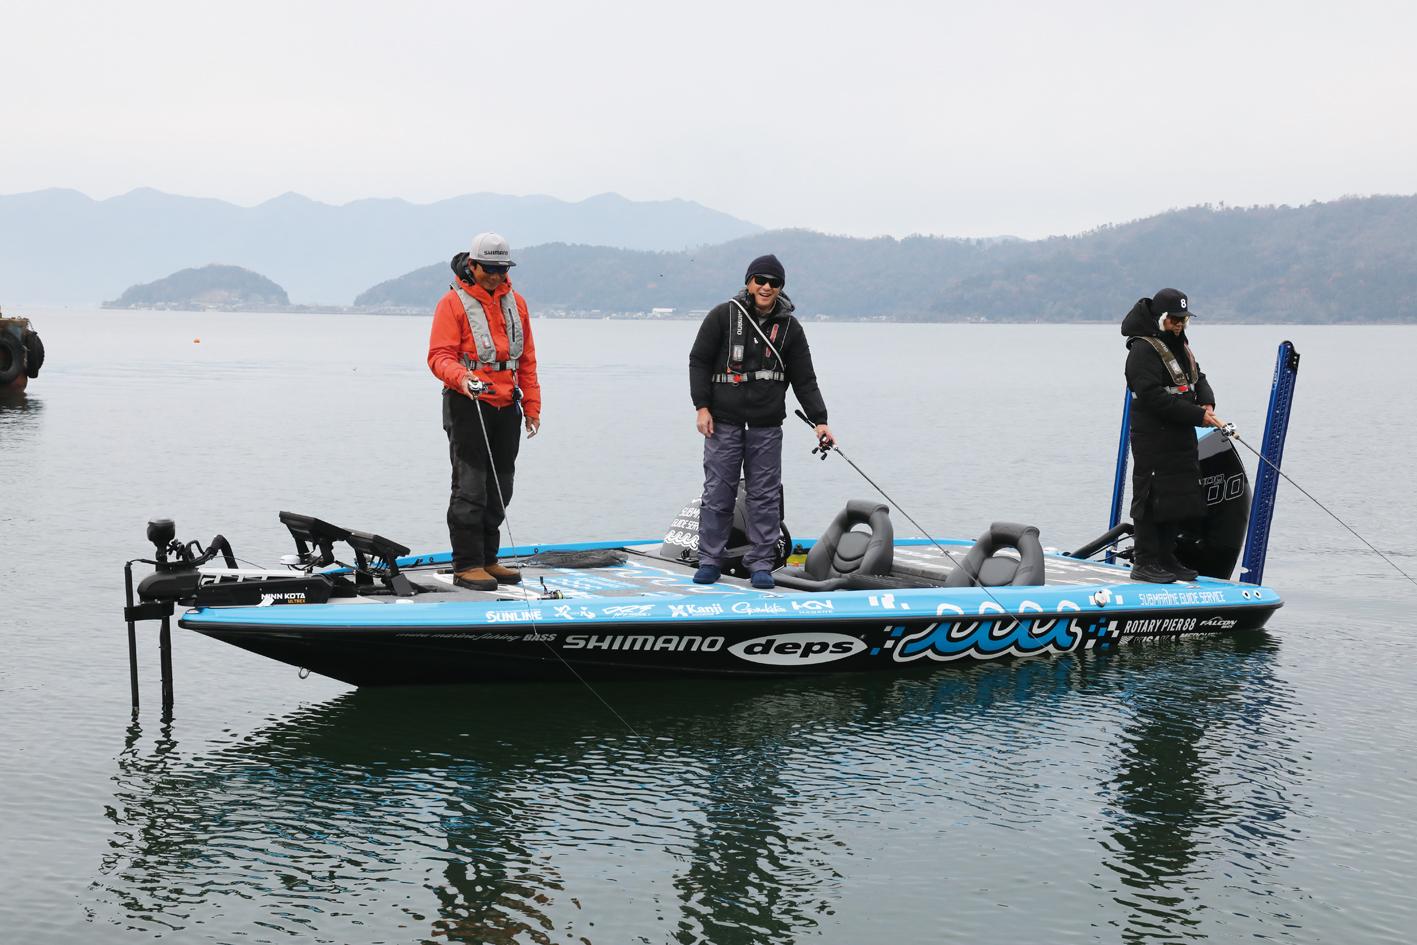 冨本タケルプロのニューボート「FALCON F215」がムータデザインのお洒落なラッピングで琵琶湖に登場!!